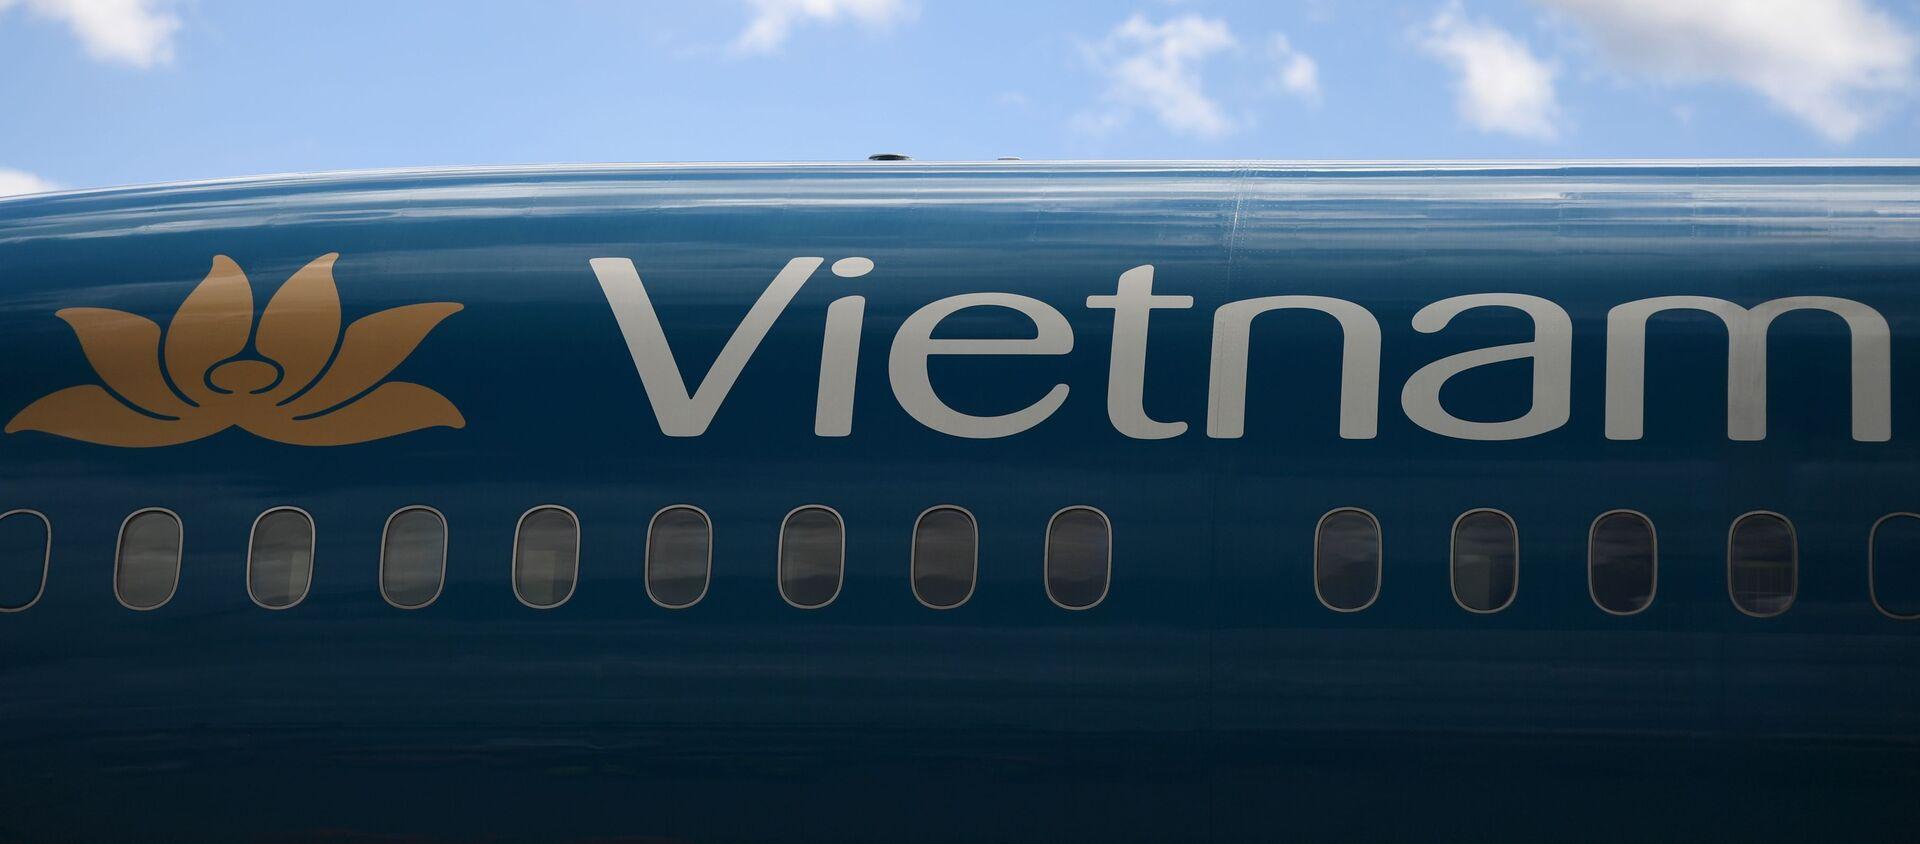 """Máy bay của hãng Vietnam Airlines tại sân bay quốc tế """"Sheremetyevo"""" - Sputnik Việt Nam, 1920, 31.05.2021"""